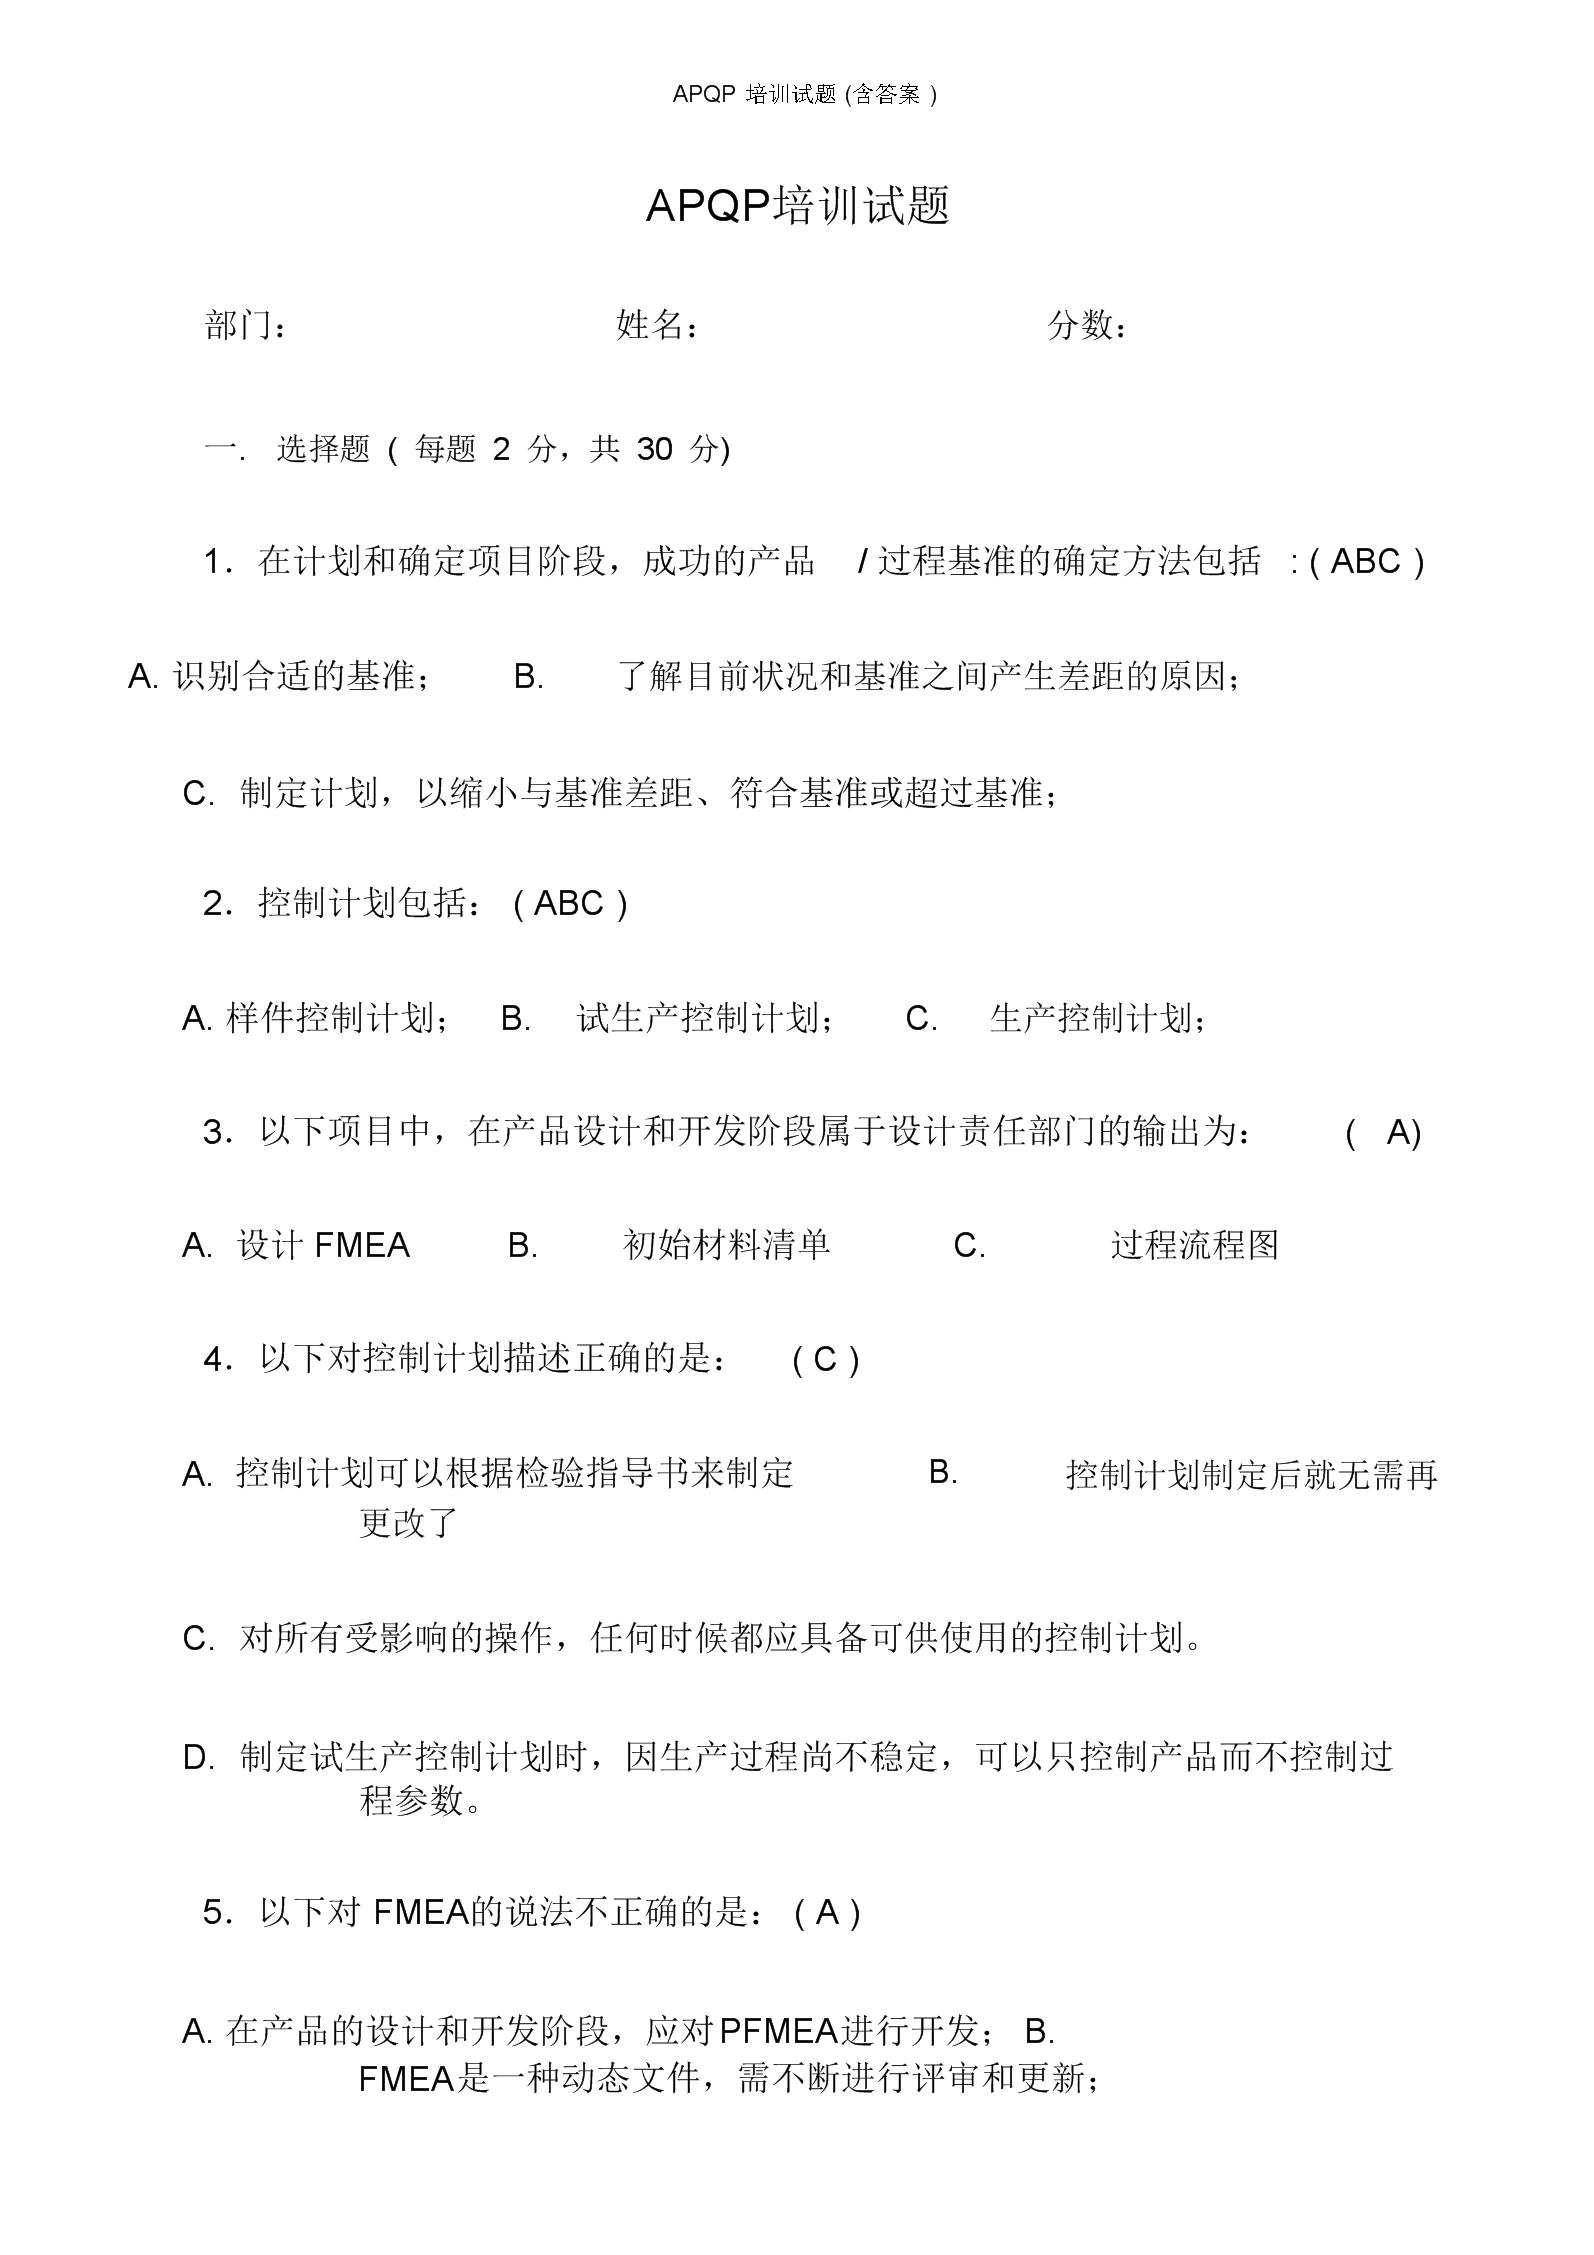 APQP学习培训试卷试题含答案.doc